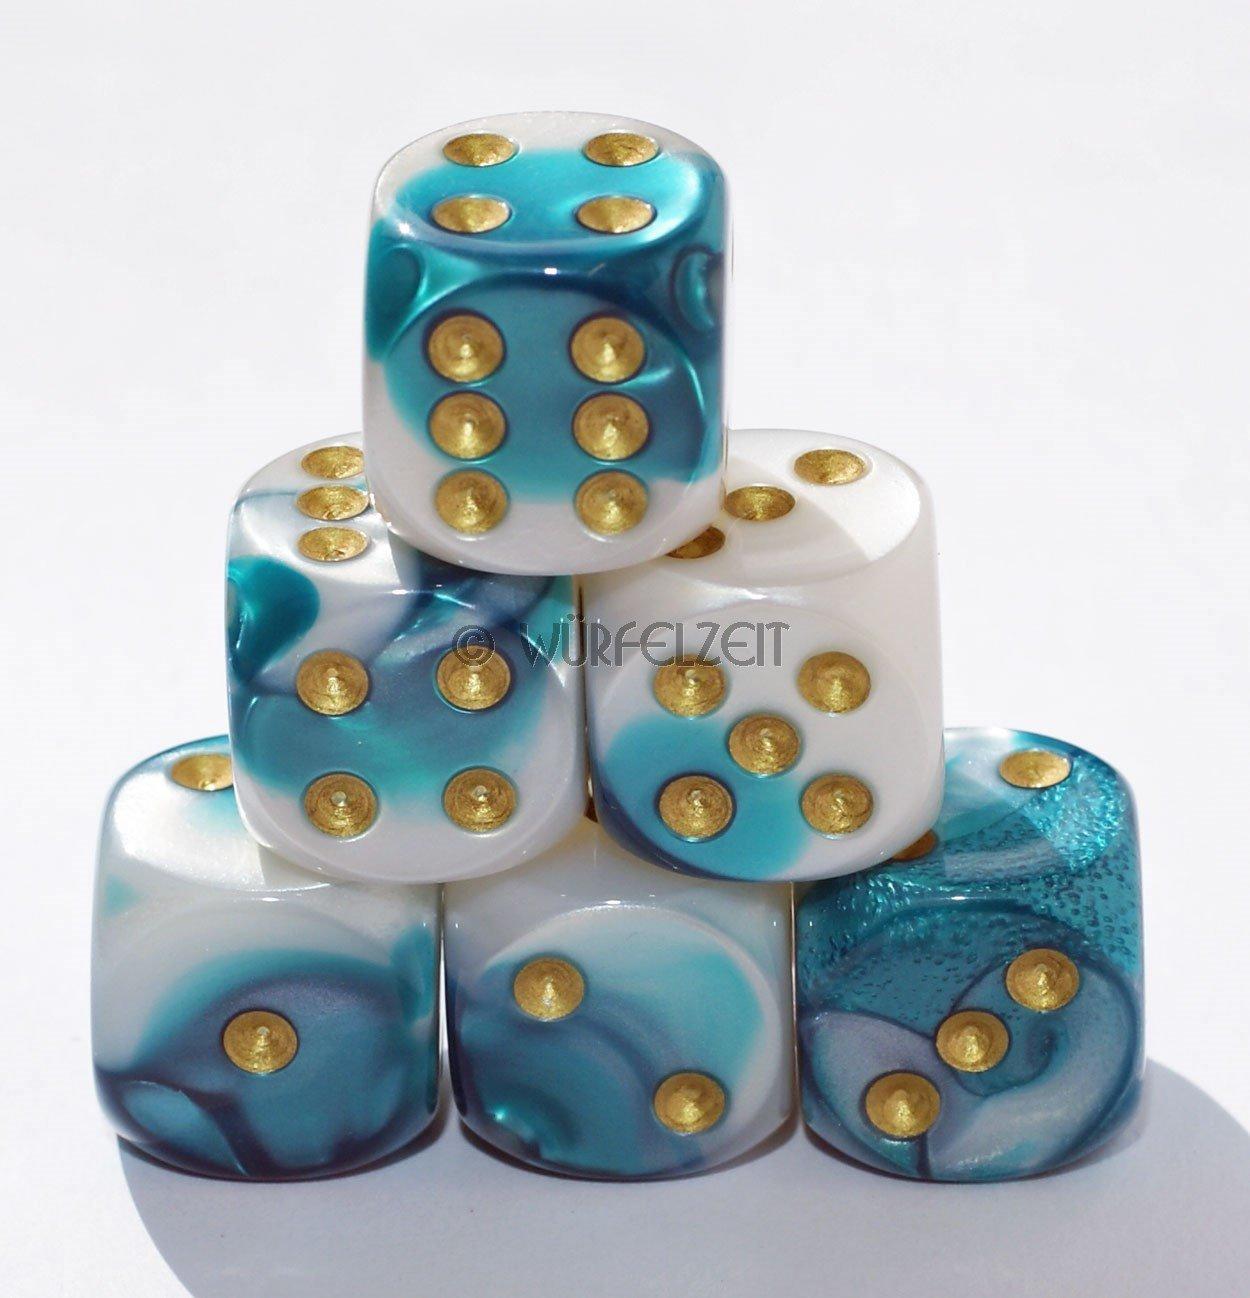 Würfelzeit 7253 - Würfel w6 16 mm, Alyen eisblau m/gold (12er Set in Klarsichtbox)